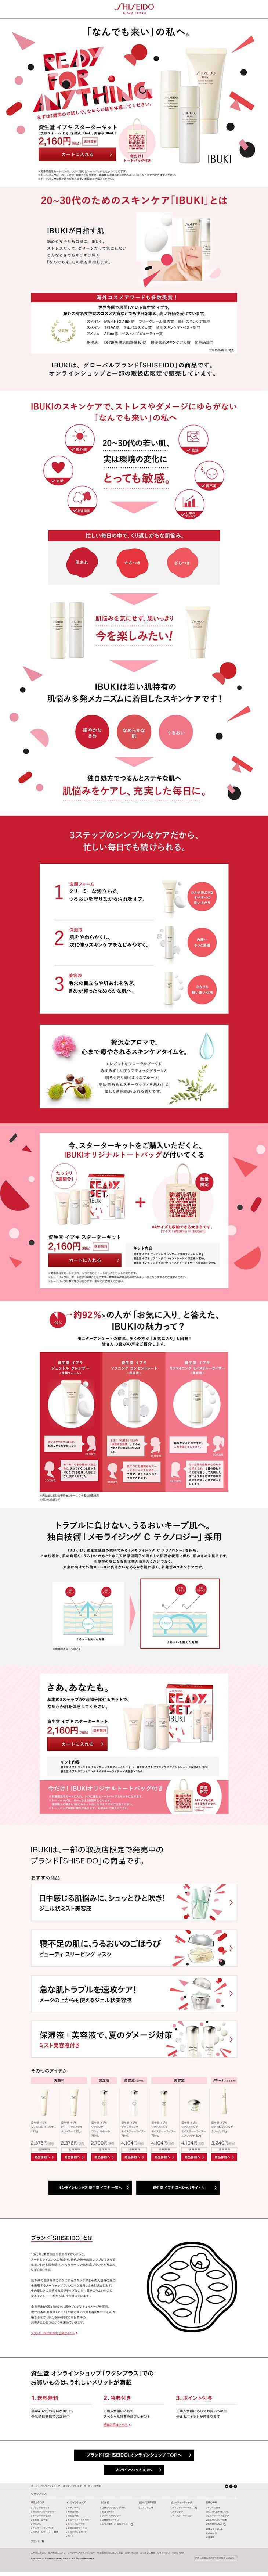 ランディングページ LP 資生堂 イブキ スターターキット|スキンケア・美容商品|自社サイト